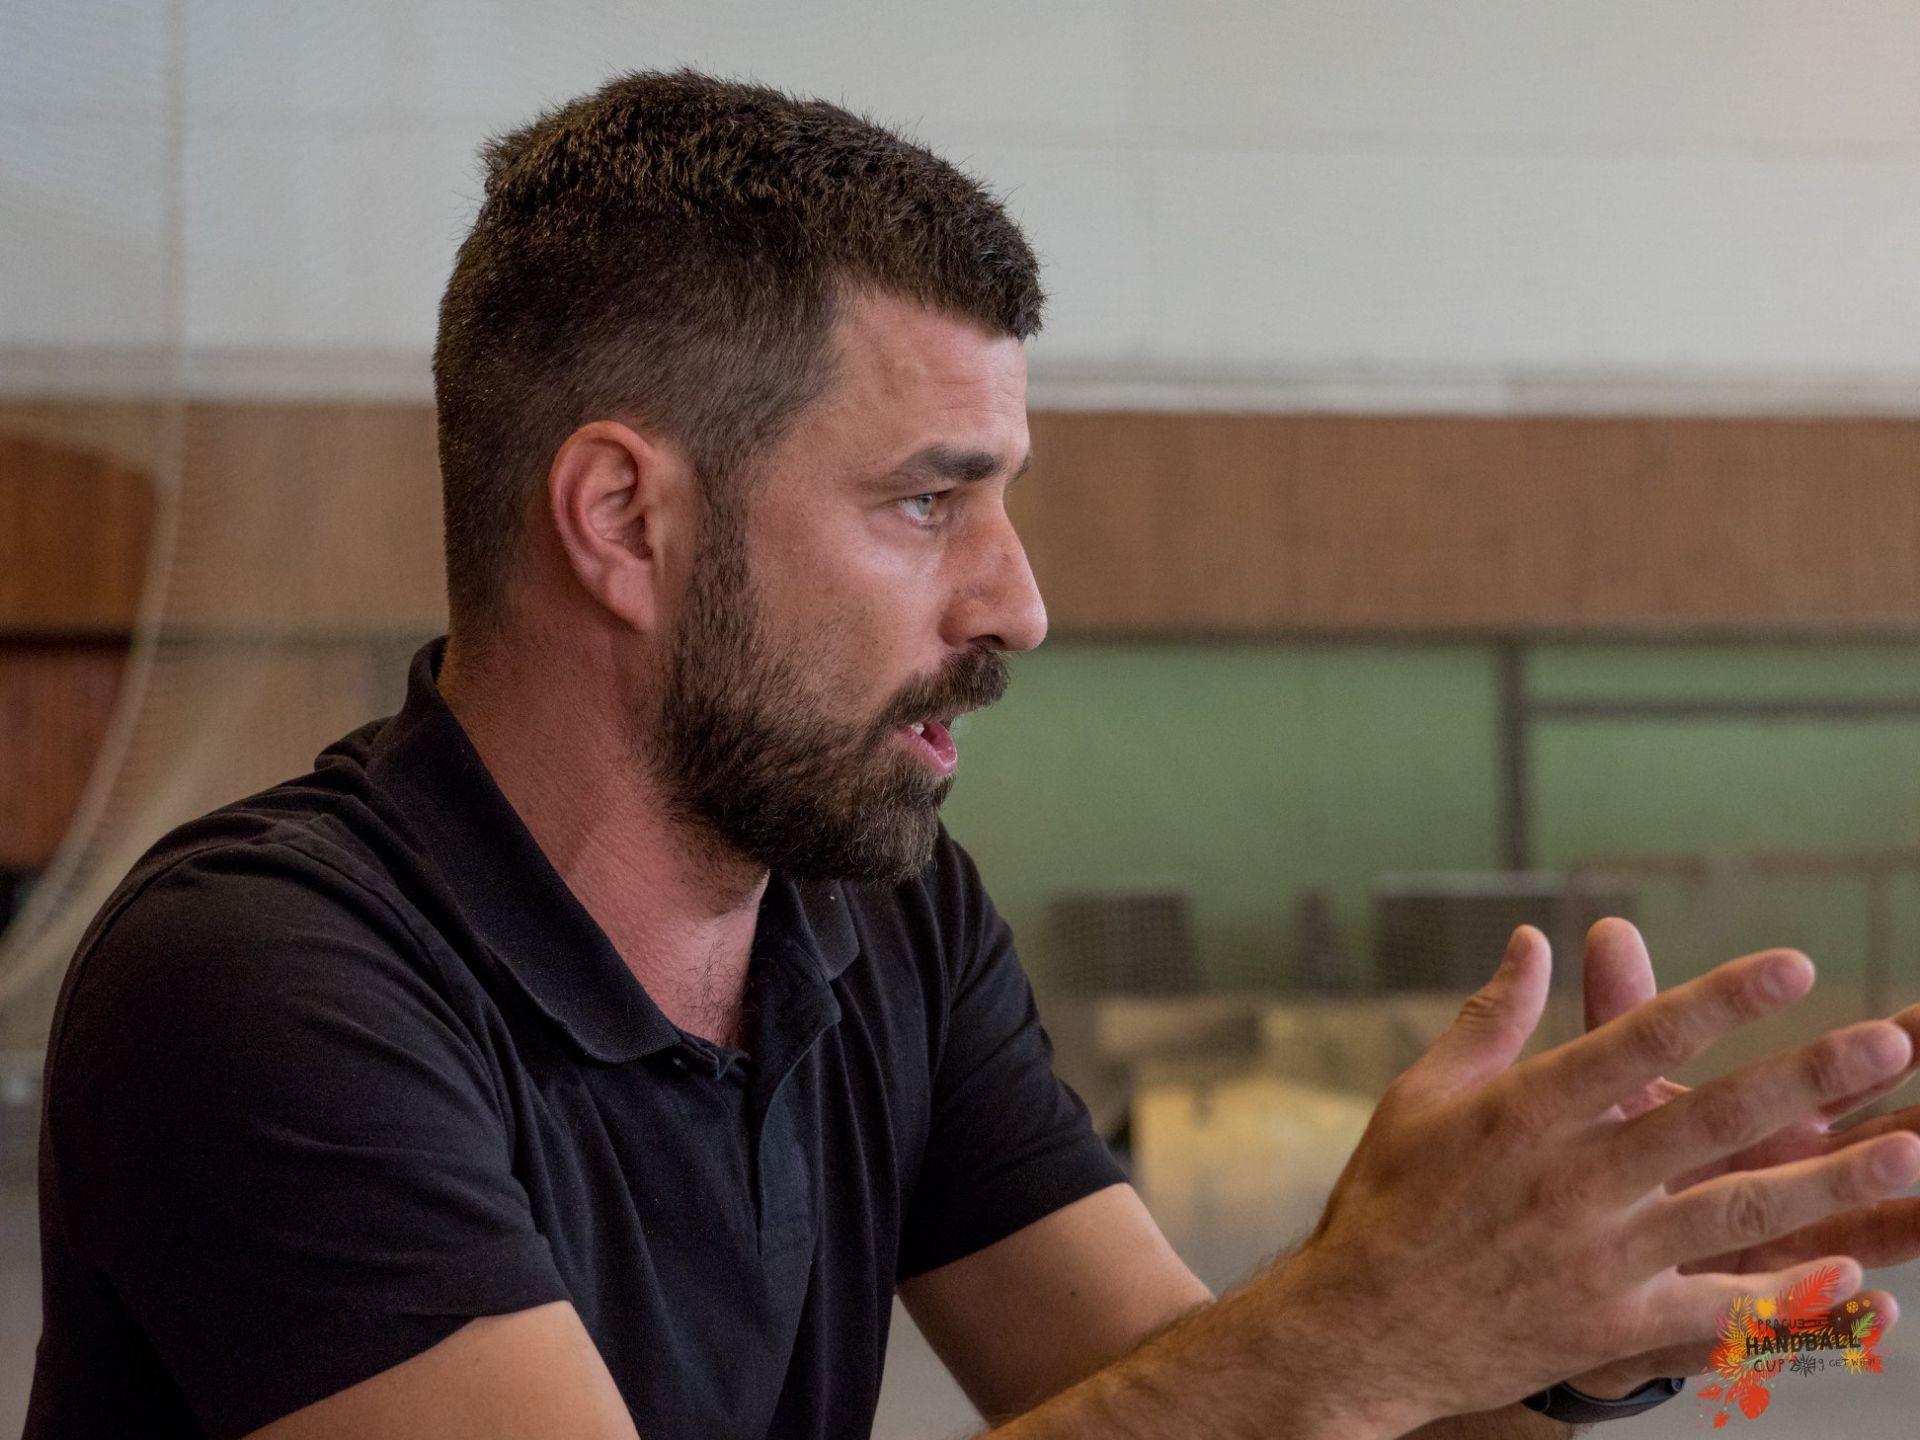 Předseda nového KVKSH Vladimír König: Chceme zvýšit atraktivitu házené v kraji, do tří let mít osm fungujících oddílů a hrát samostatné krajské soutěže